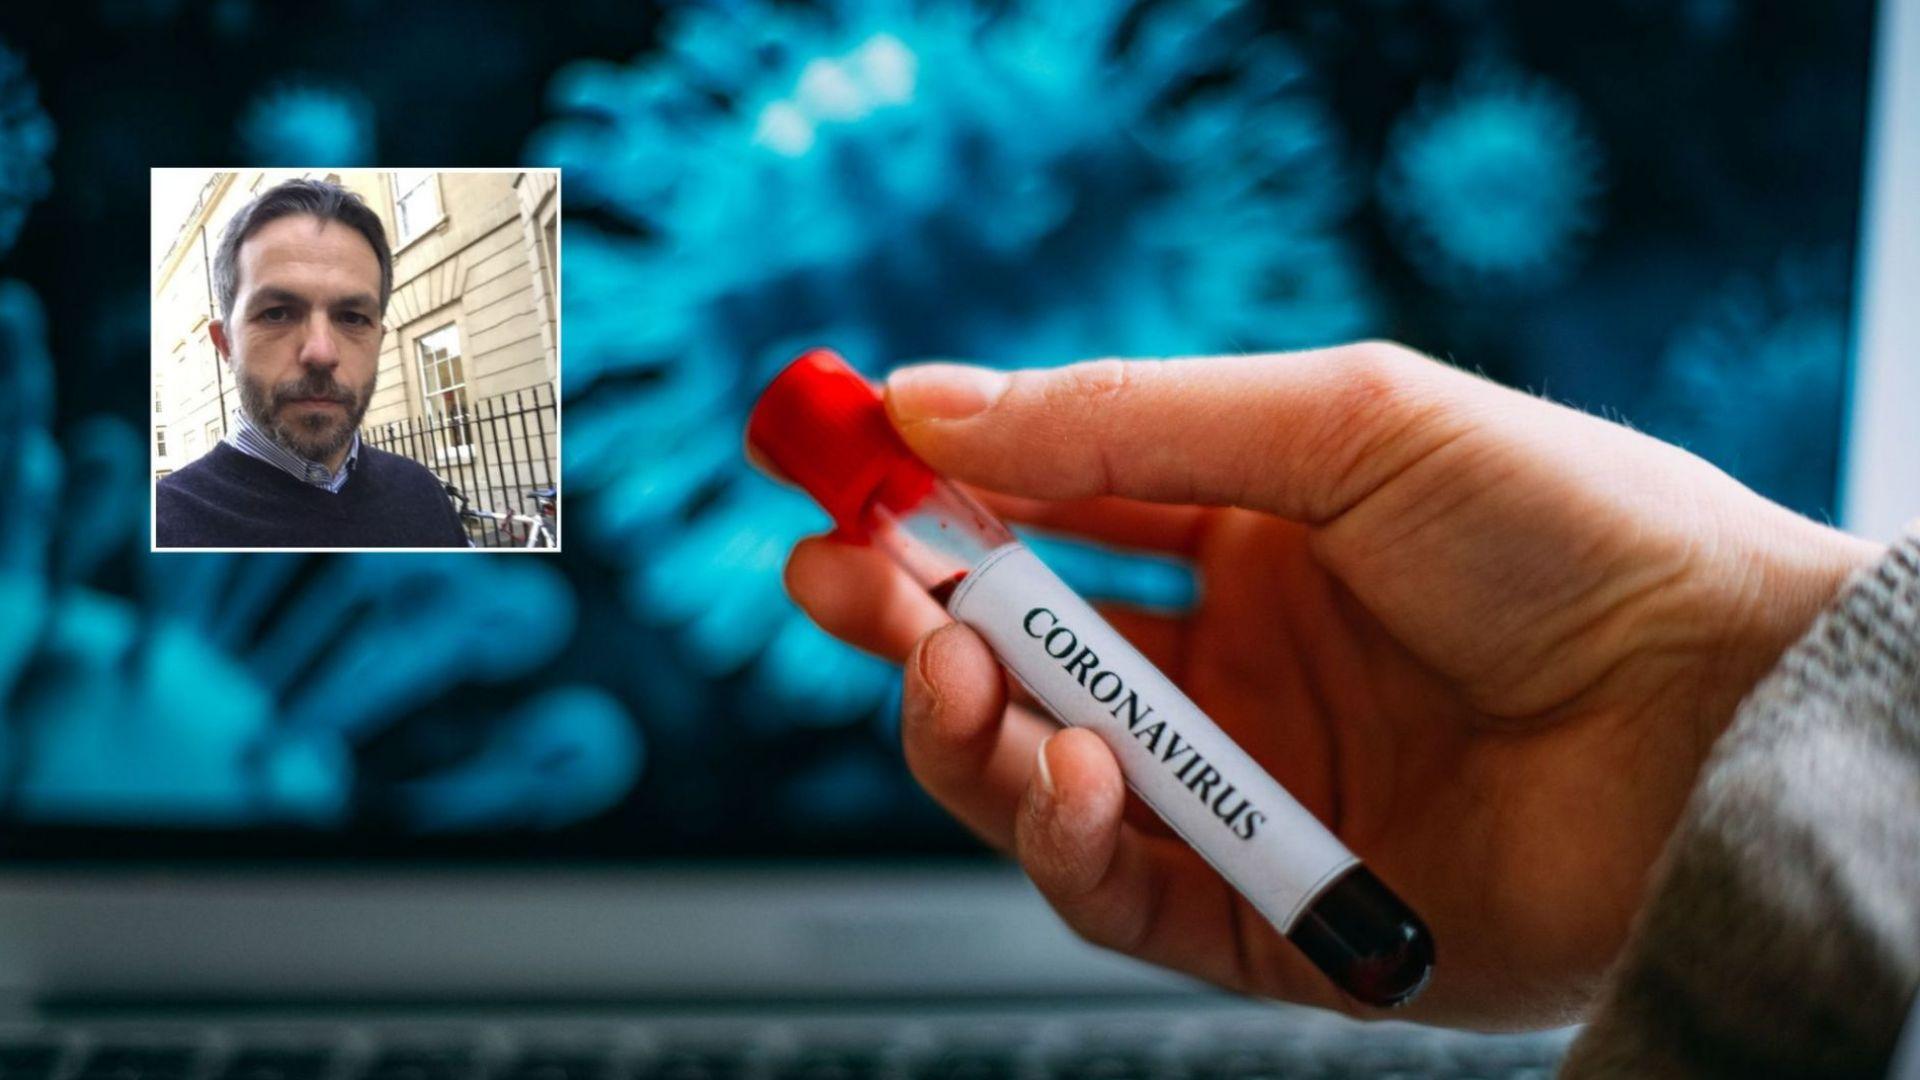 Български епидемиолог в Лондон: Очаквам скок на смъртните случаи от COVID-19